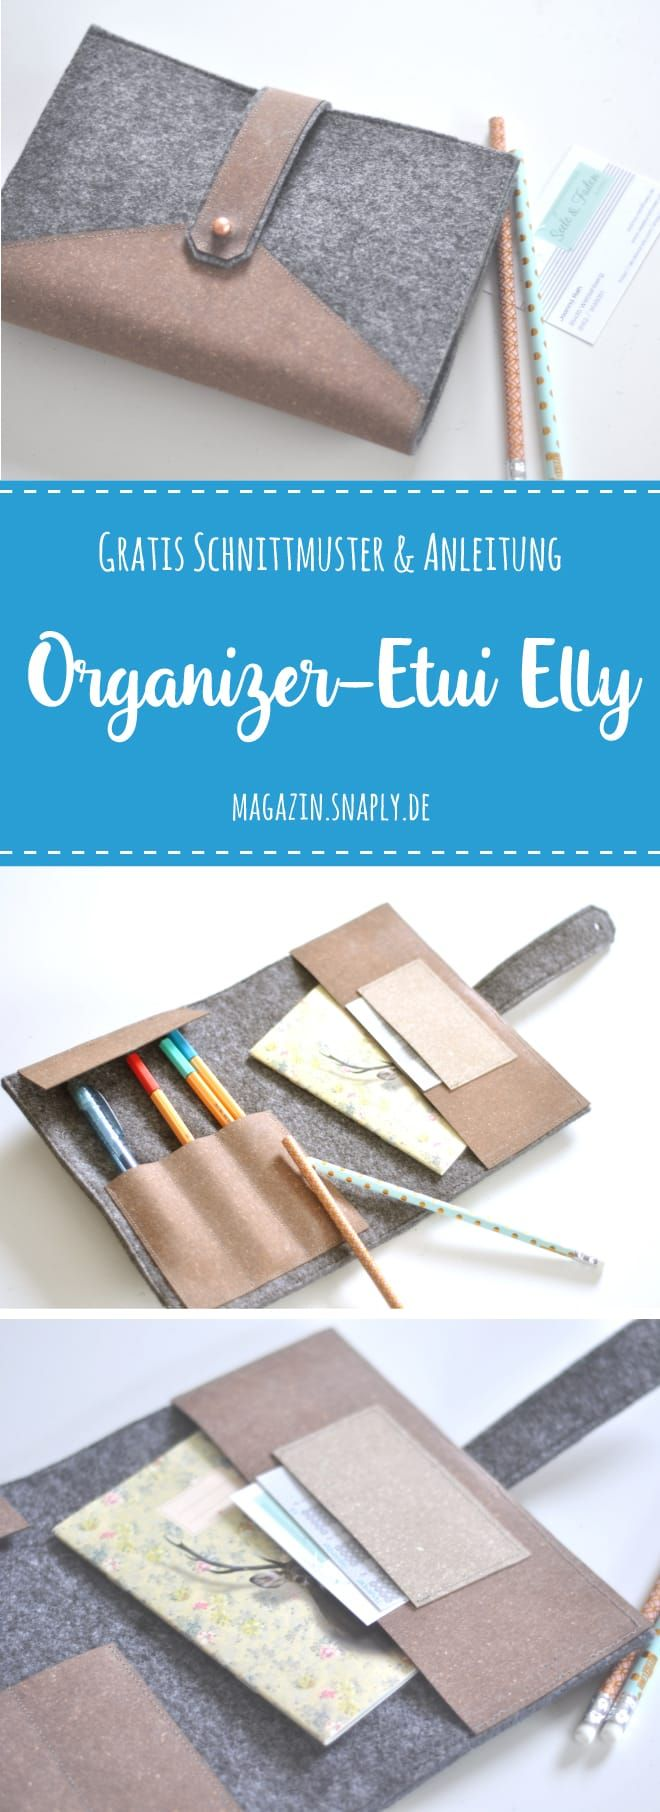 Gratis Schnittmuster: ReLeda Stifte- und Organizer-Etui «Elly» | Snaply-Magazin – Boda fotos